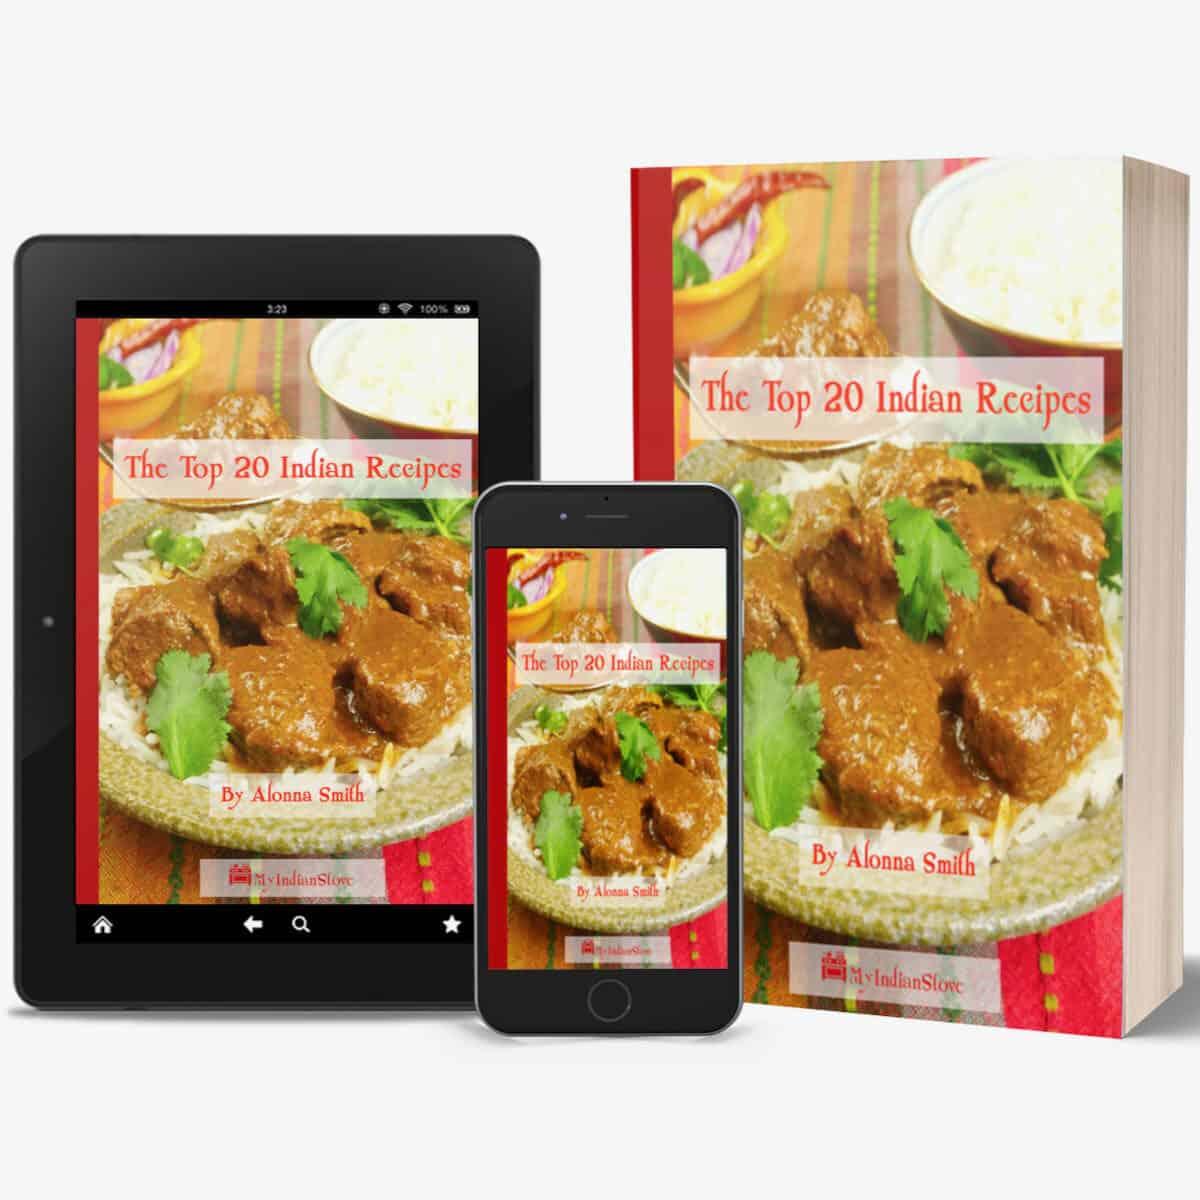 Top 20 Indian Recipes e book